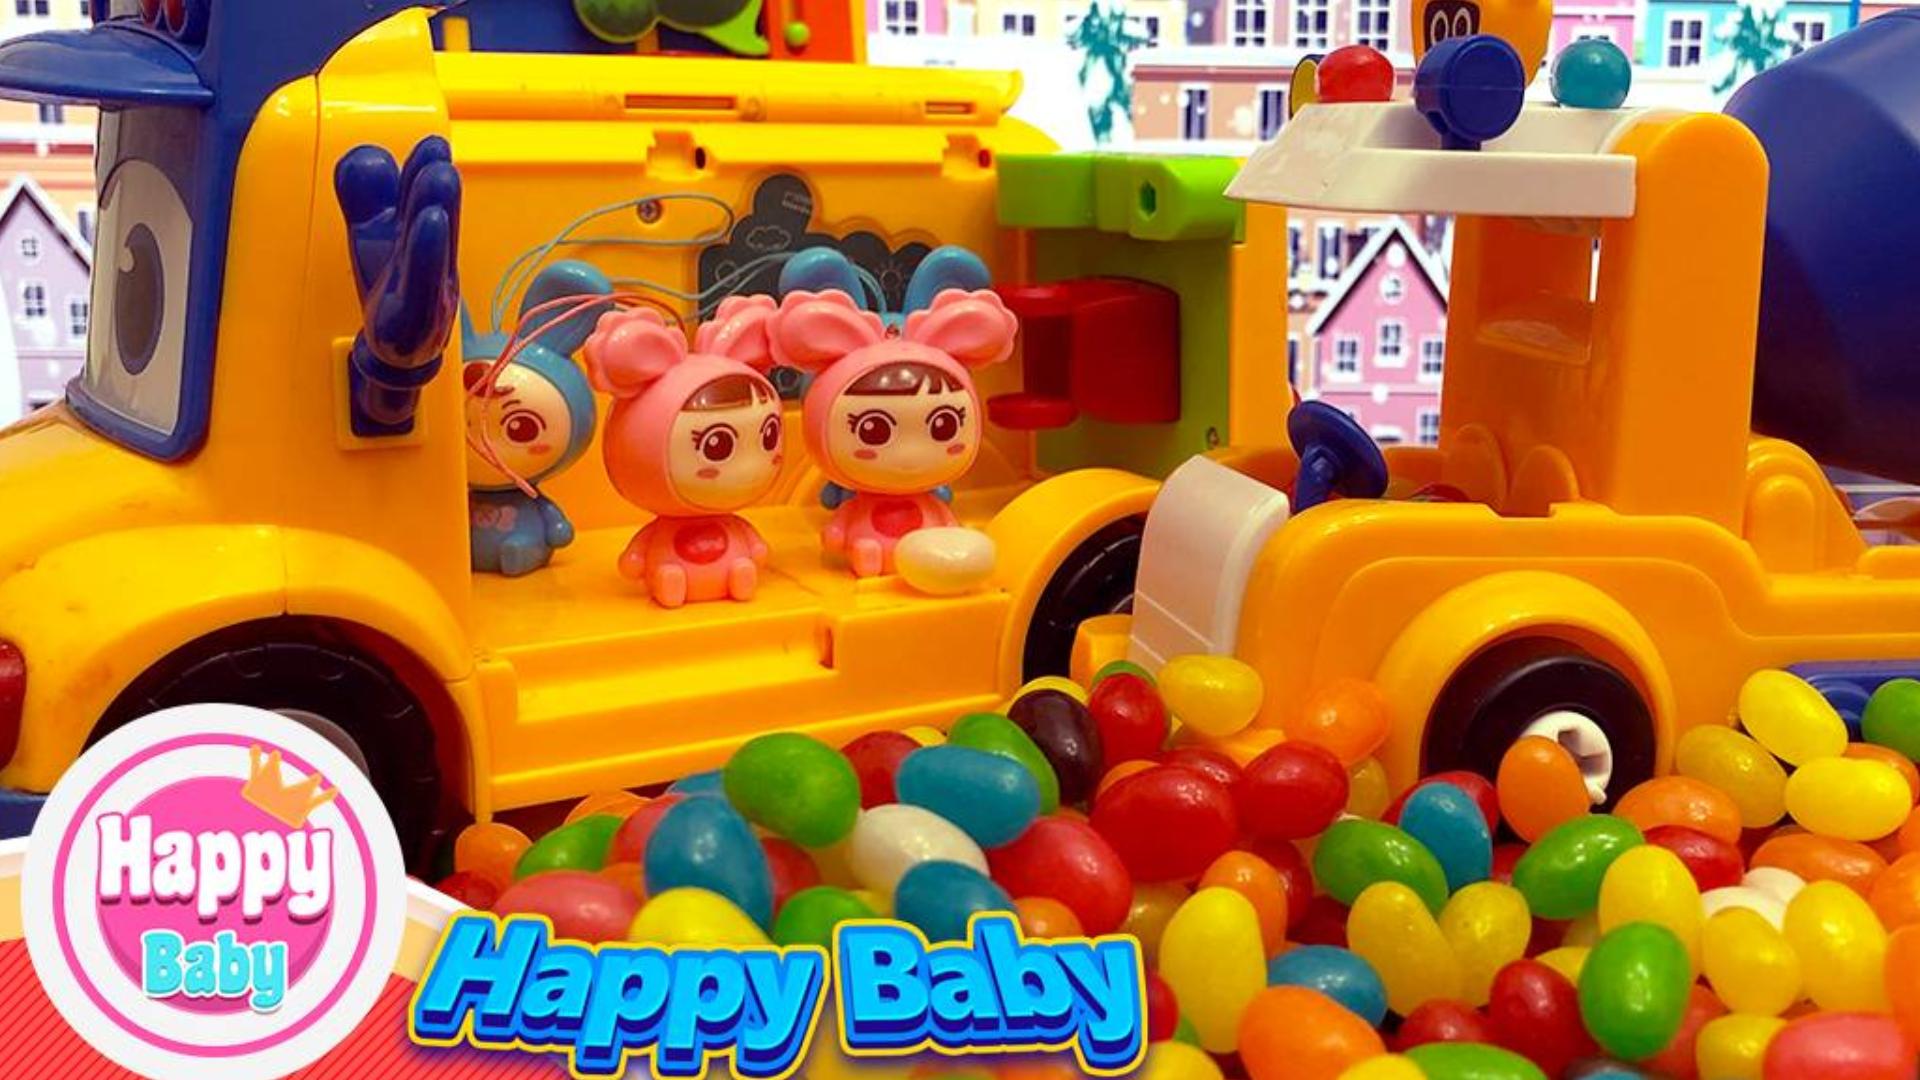 嘟当曼变身水泥搅拌车把糖果藏在水泥罐里,来给小朋友们送糖果。